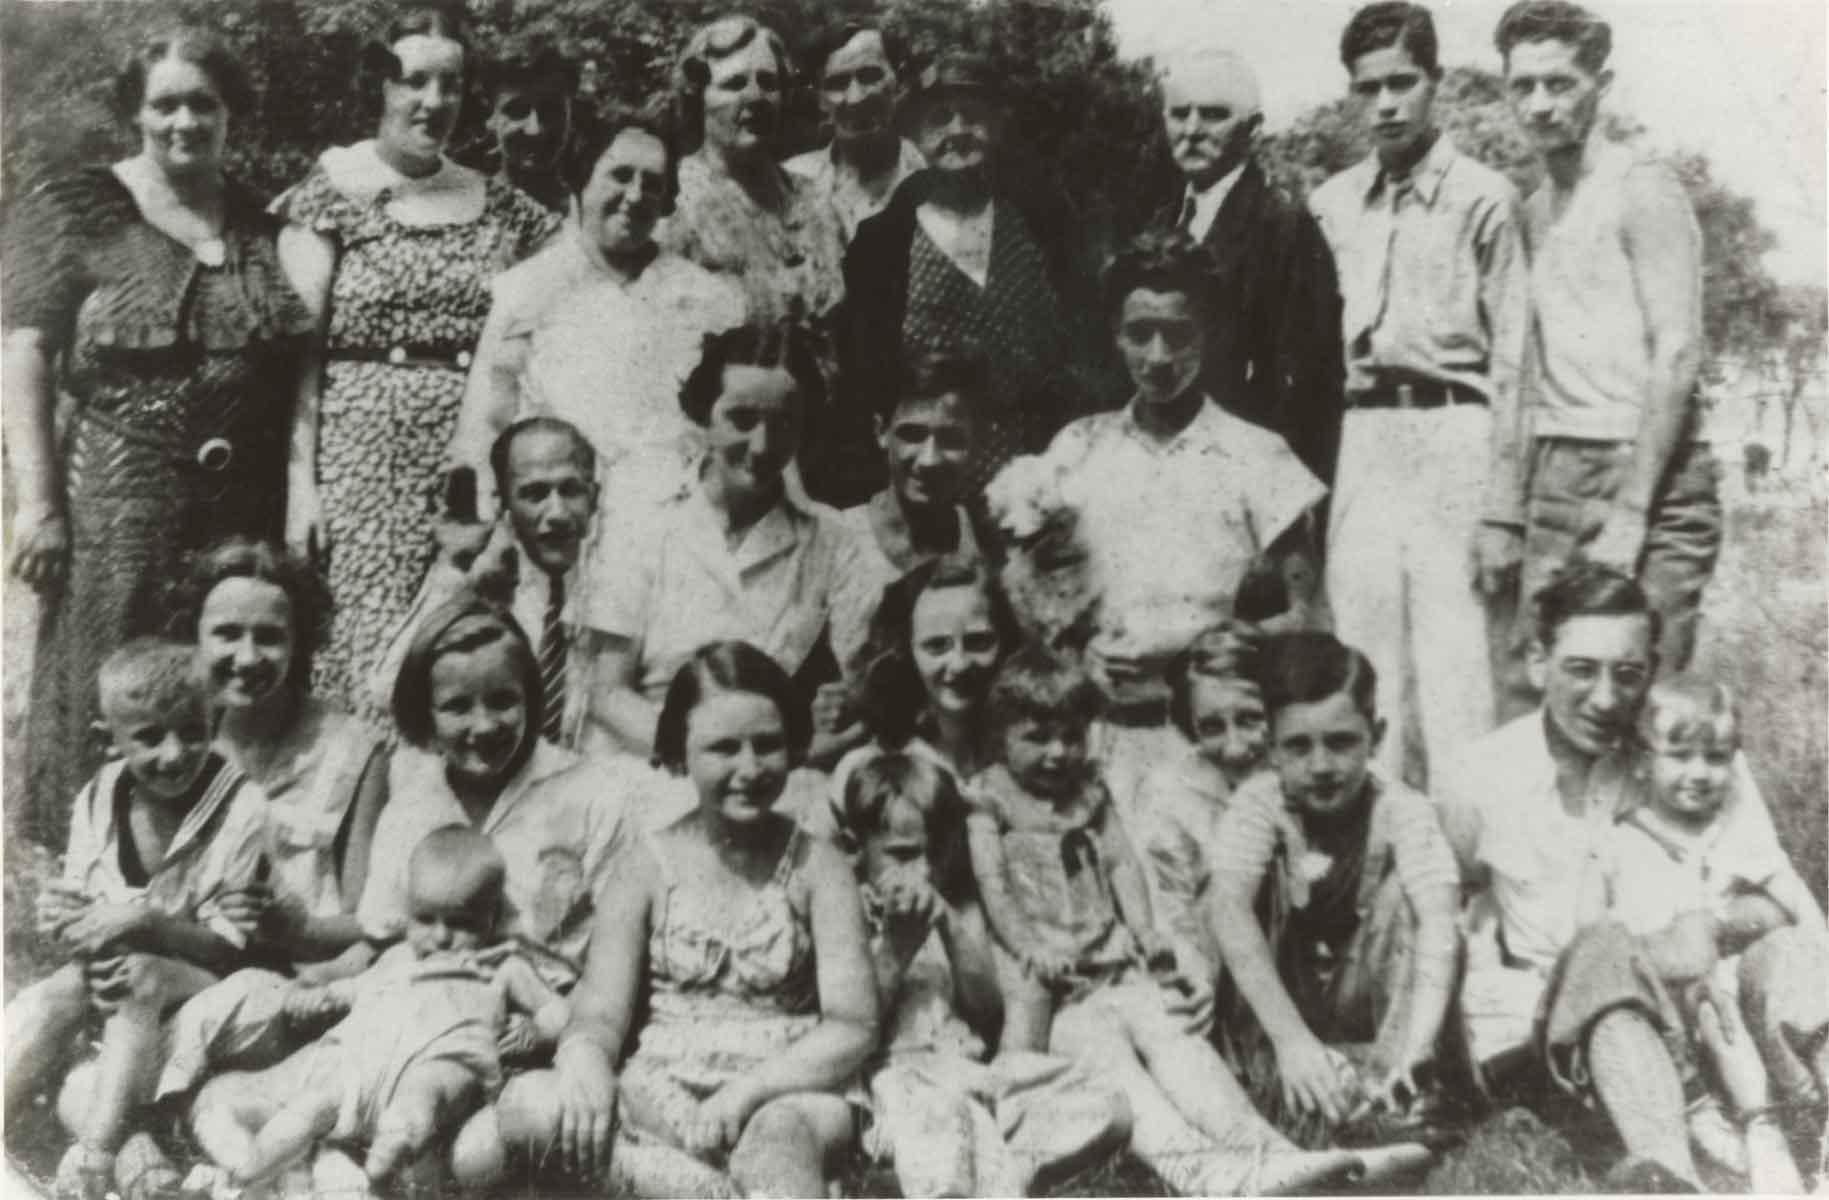 NY circa 1935